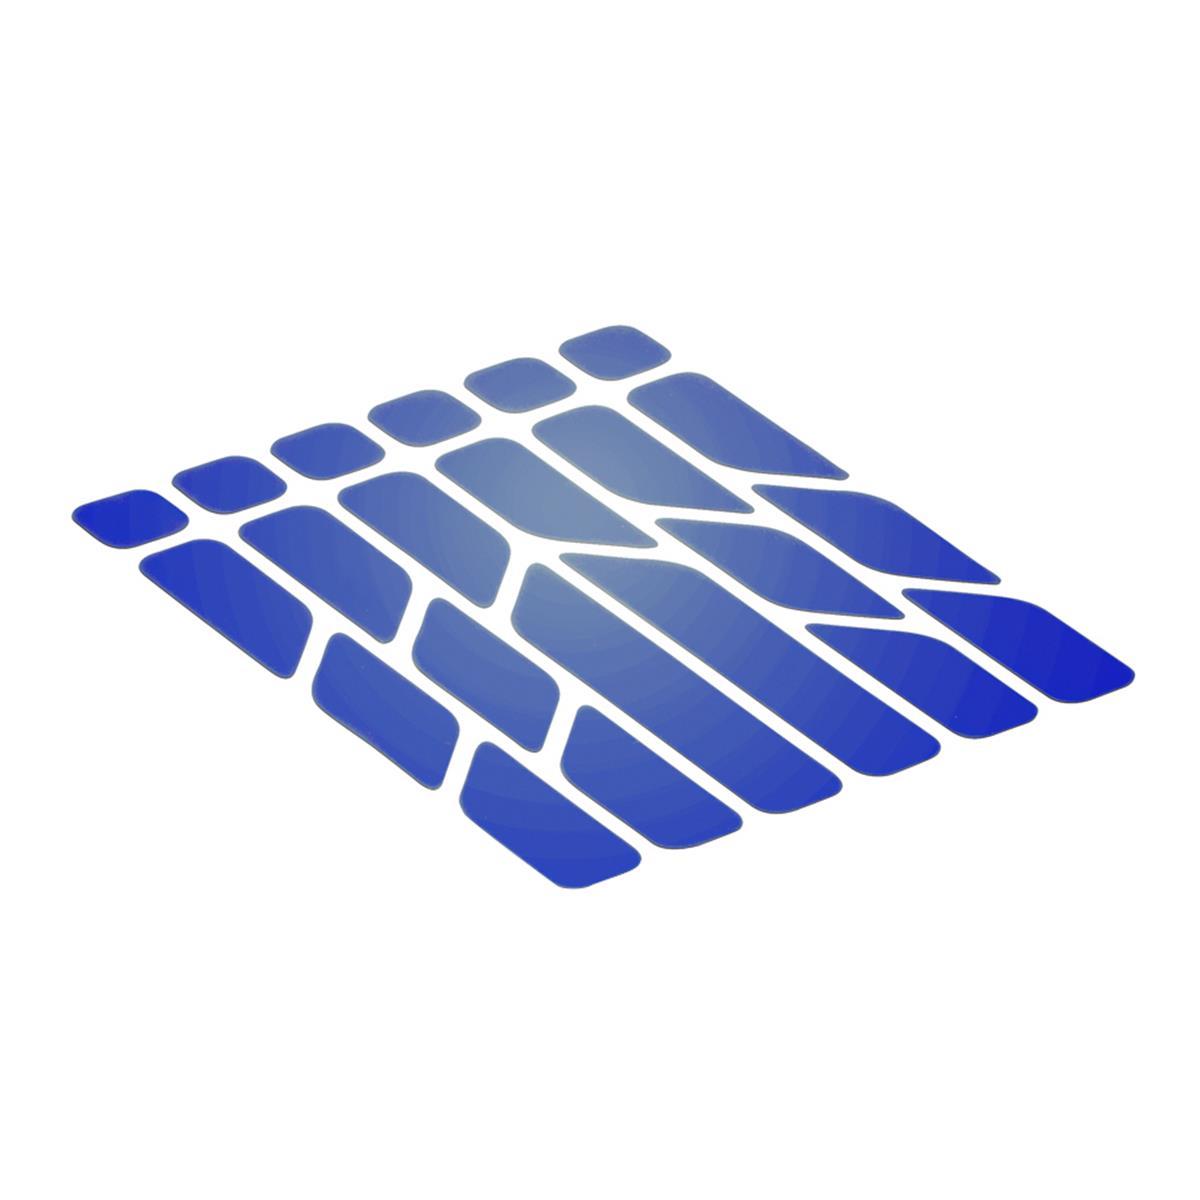 Riesel Design Sticker Reflex Reflektierend, Blau